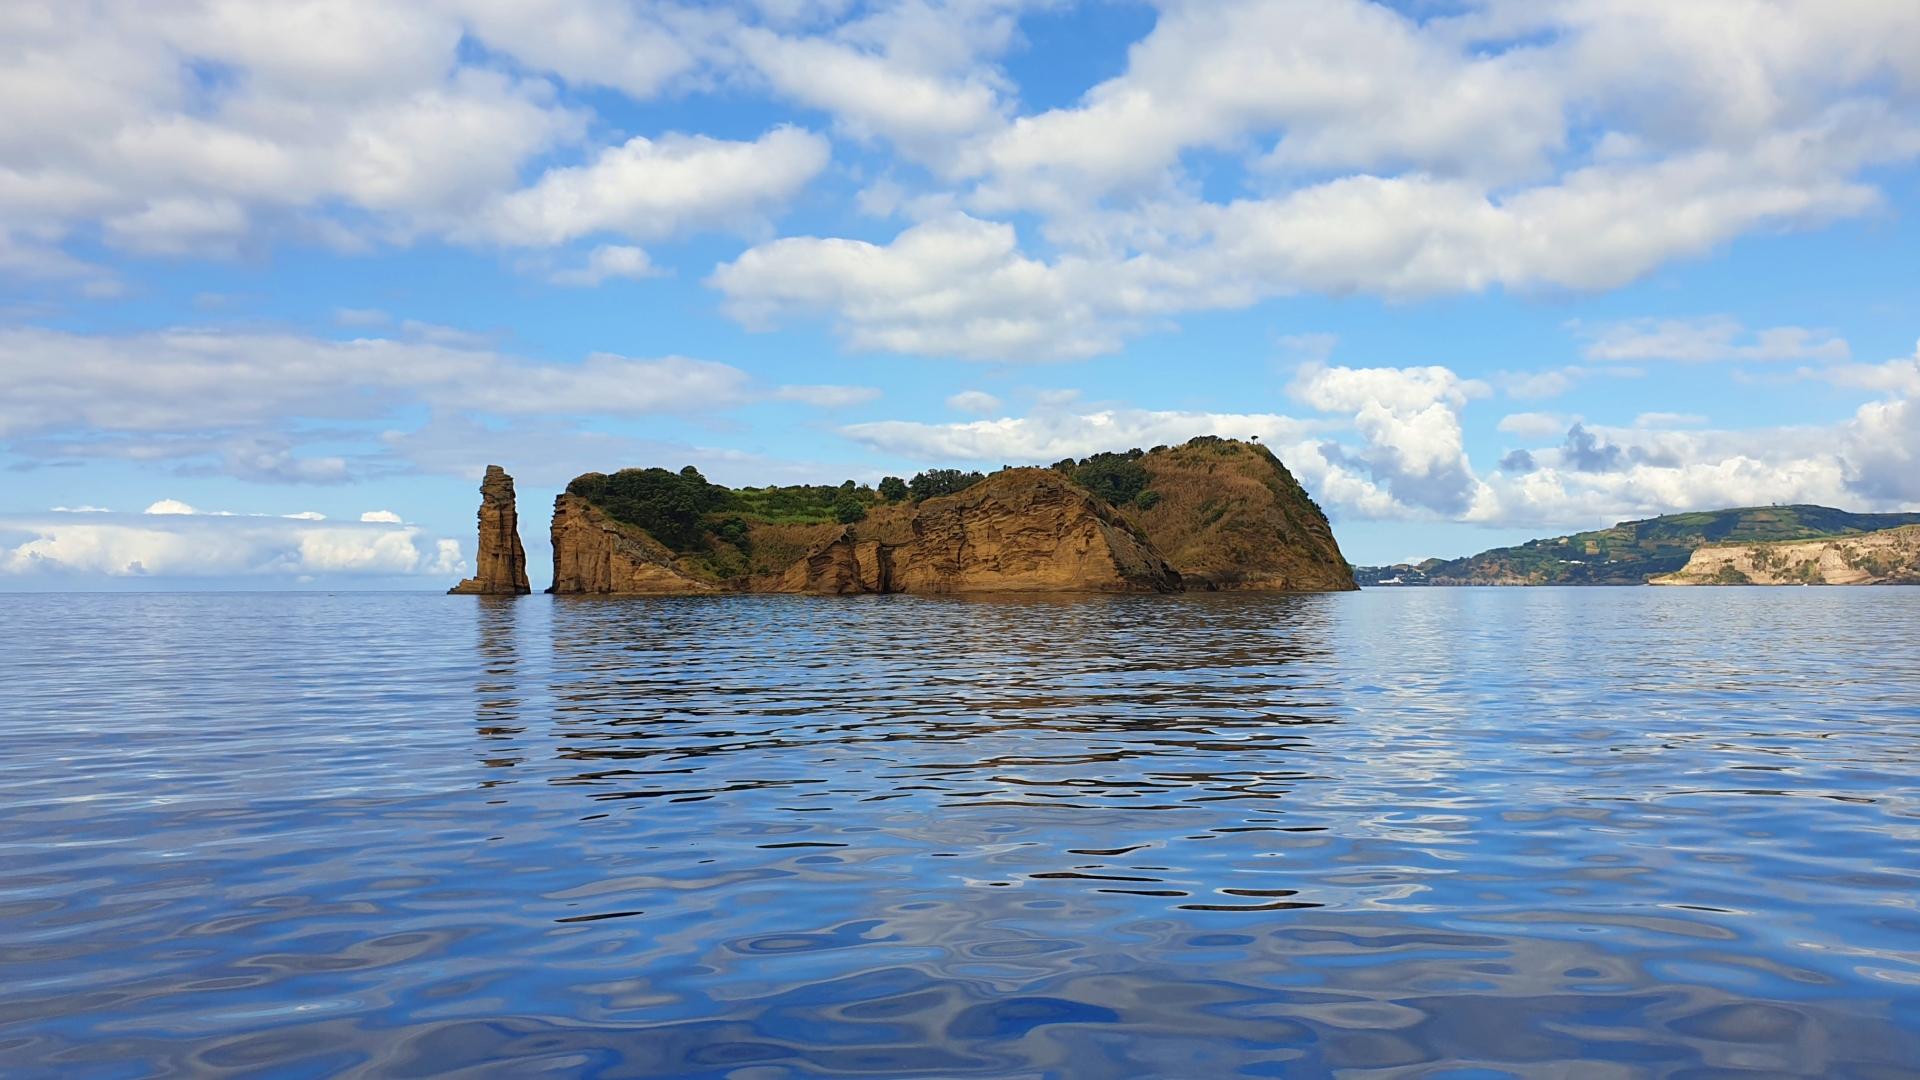 Paisagem Natural/Ilhéu de Vila Franca do Campo (Açores)